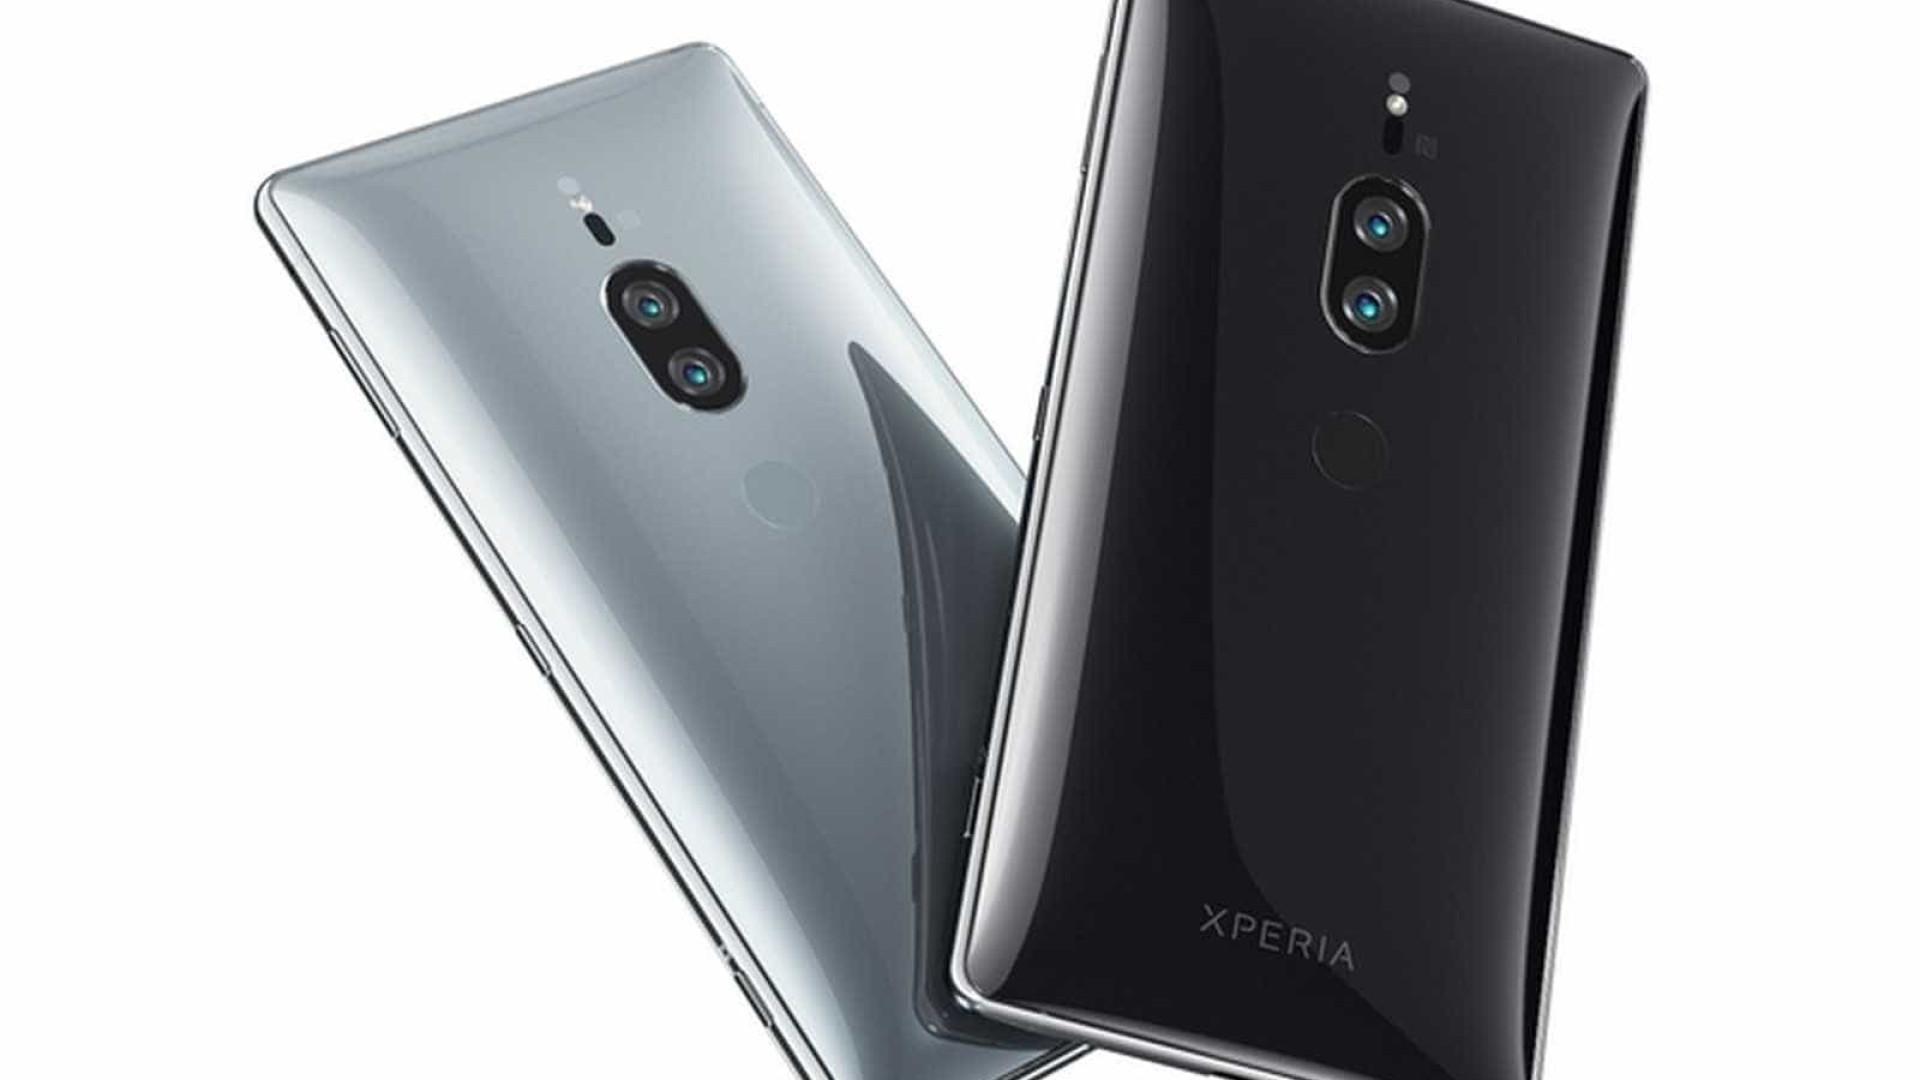 Sony anuncia Xperia XZ2 Premium com câmera dupla; conheça ficha técnica